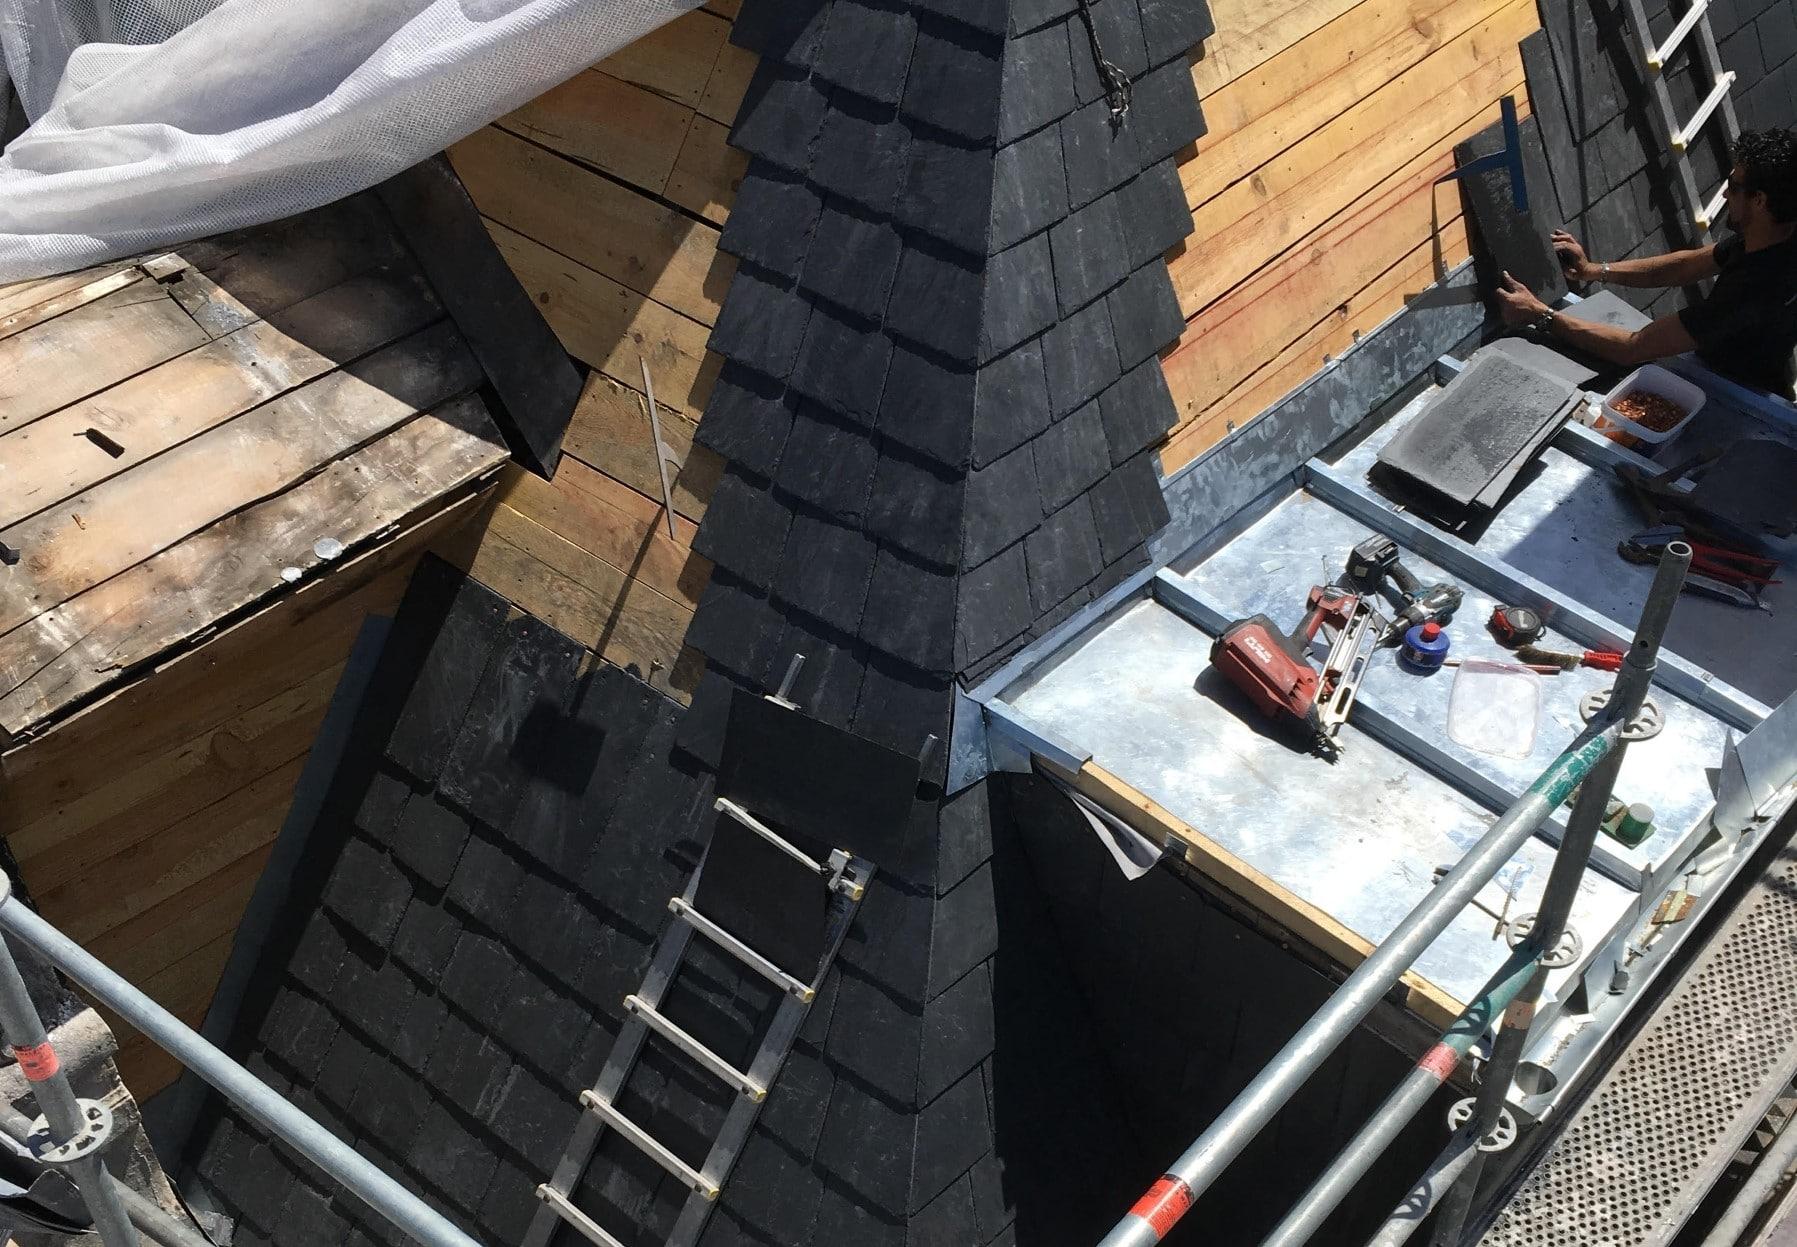 Rénovation d'une toiture en ardoise à Biarritz (64) - Darrieumerlou Charpentier